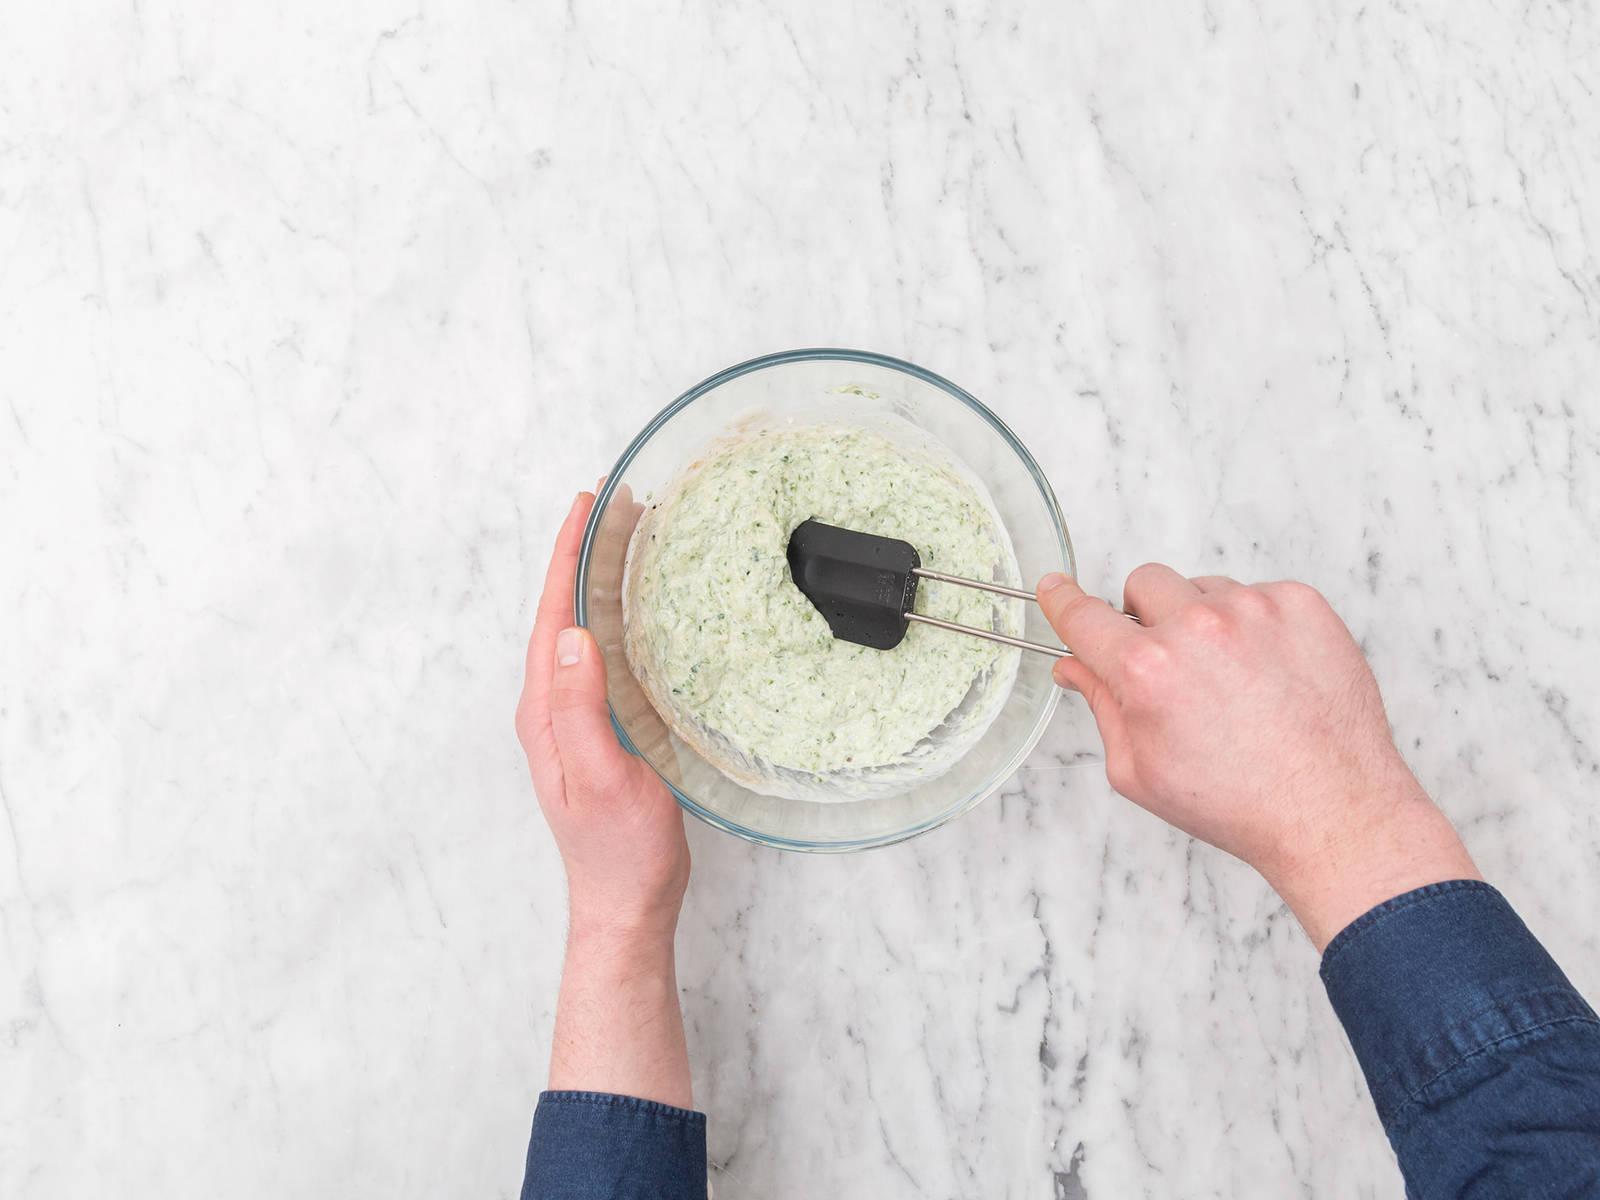 Gurken und Ingwer in ein Sieb reiben. Sieb über einer Schüssel platzieren und so viel Flüssigkeit wie möglich mit einem Gummispatel aus der Gurken-Ingwer-Mischung ausdrücken. Flüssigkeit weggießen und die geriebenen Gurken und Ingwer in eine saubere Schüssel geben. Joghurt und gemahlenen Kreuzkümmel dazugeben. Mit Salz und Pfeffer abschmecken und vermengen.